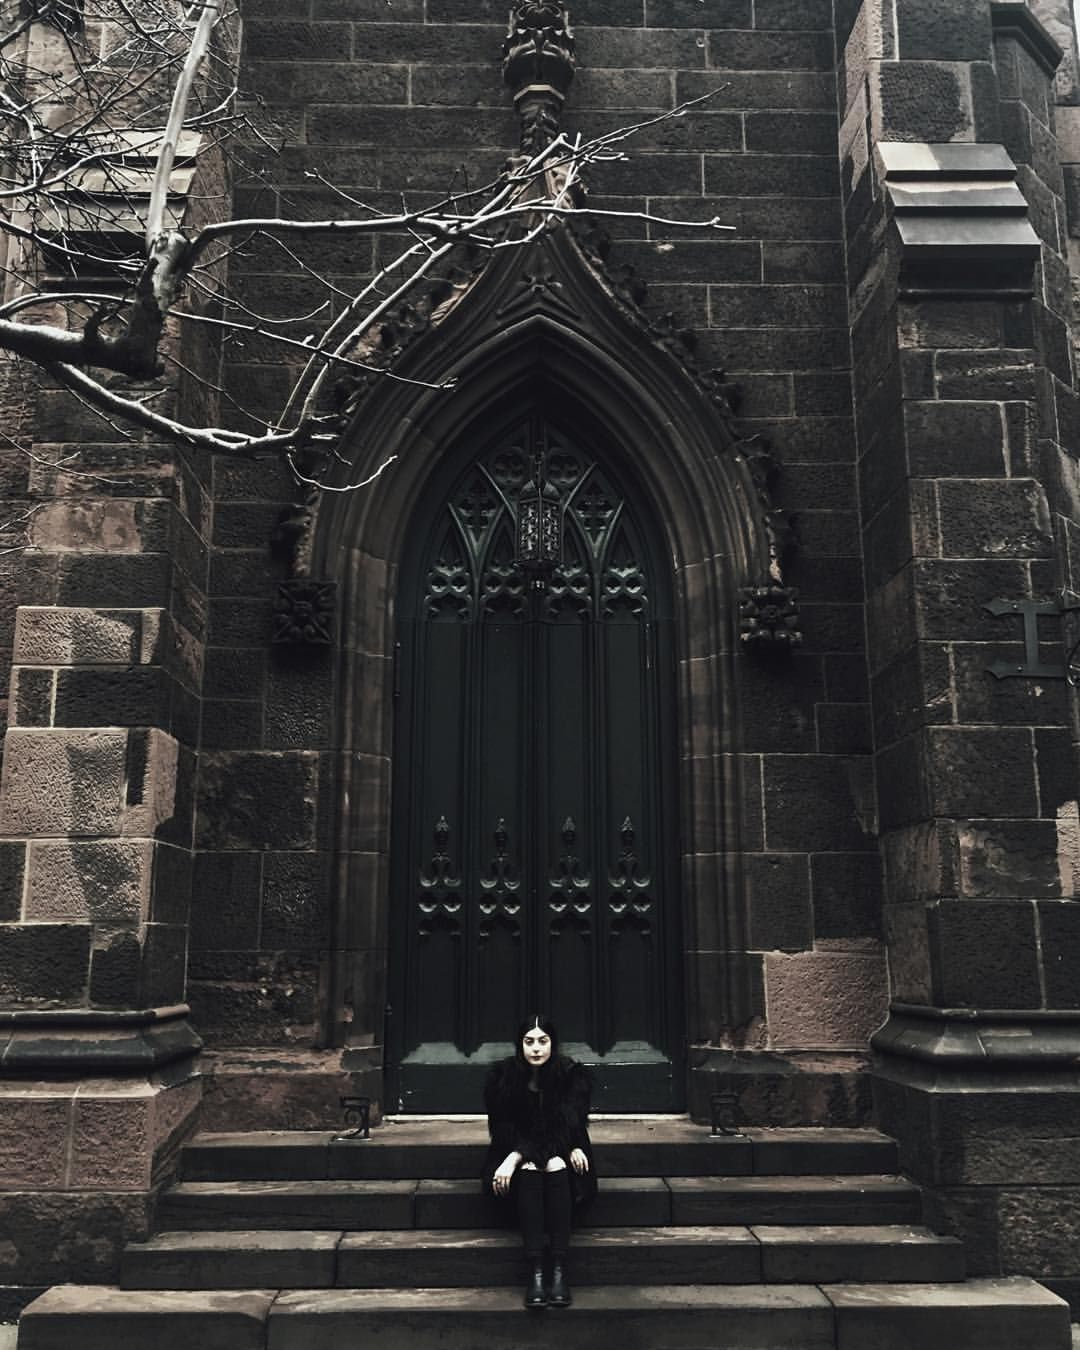 victorian gothic art belayar architecture - 736×920